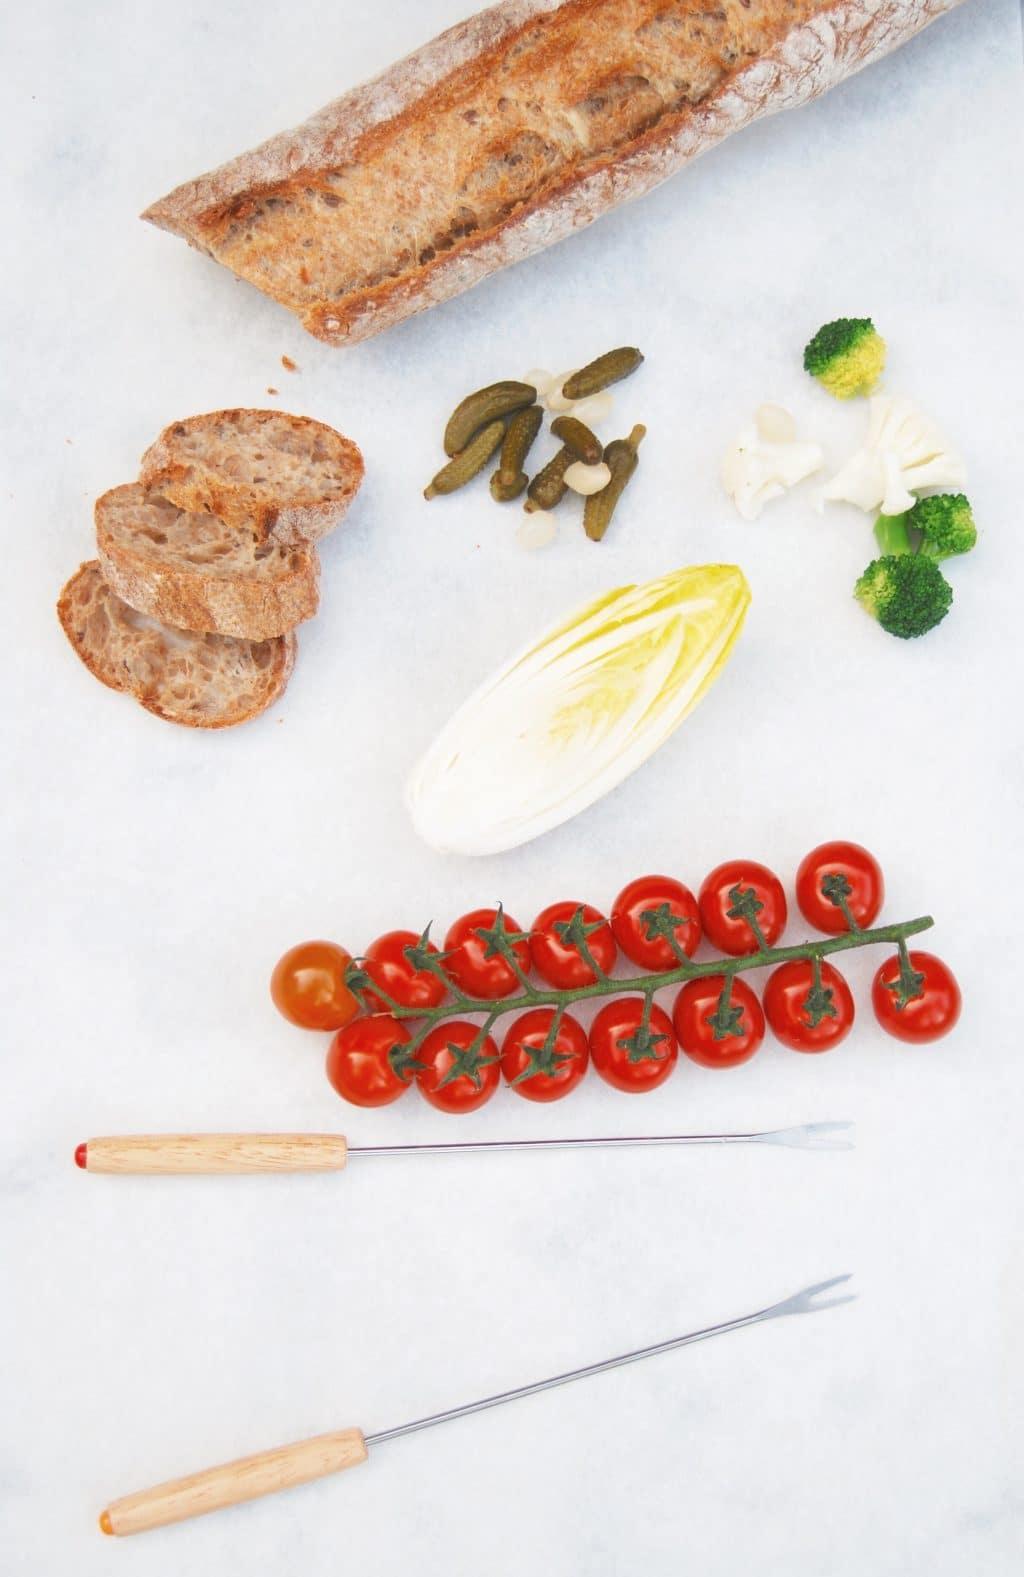 Zelf kaasfondue maken met wijn + wat is er lekker bij! made by ellen